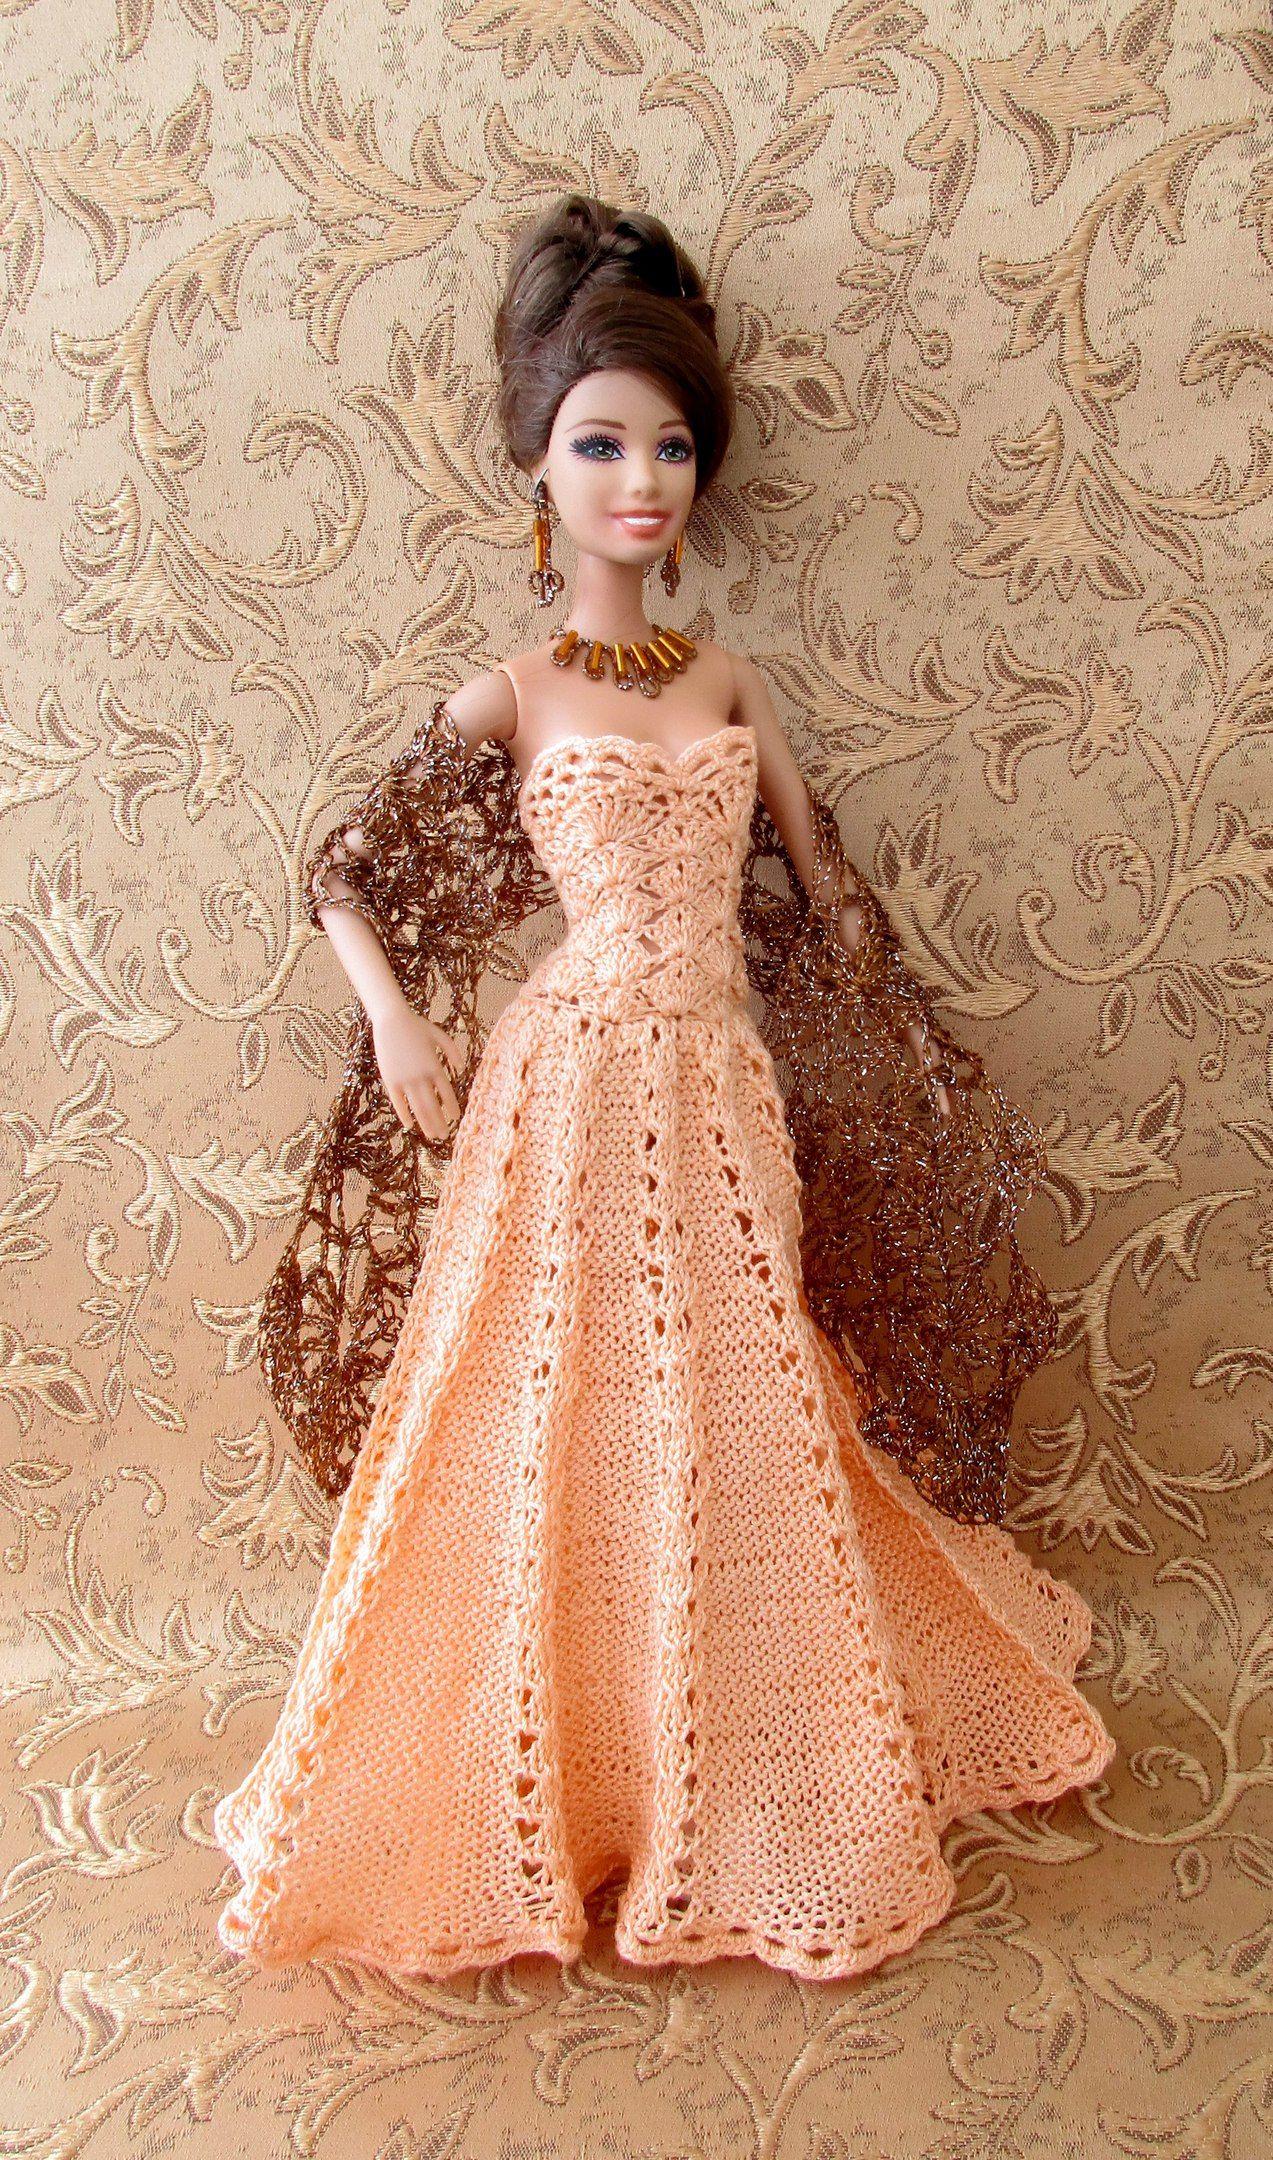 Wall | VK | barbies | Pinterest | Barbie kleider, Puppenkleidung und ...